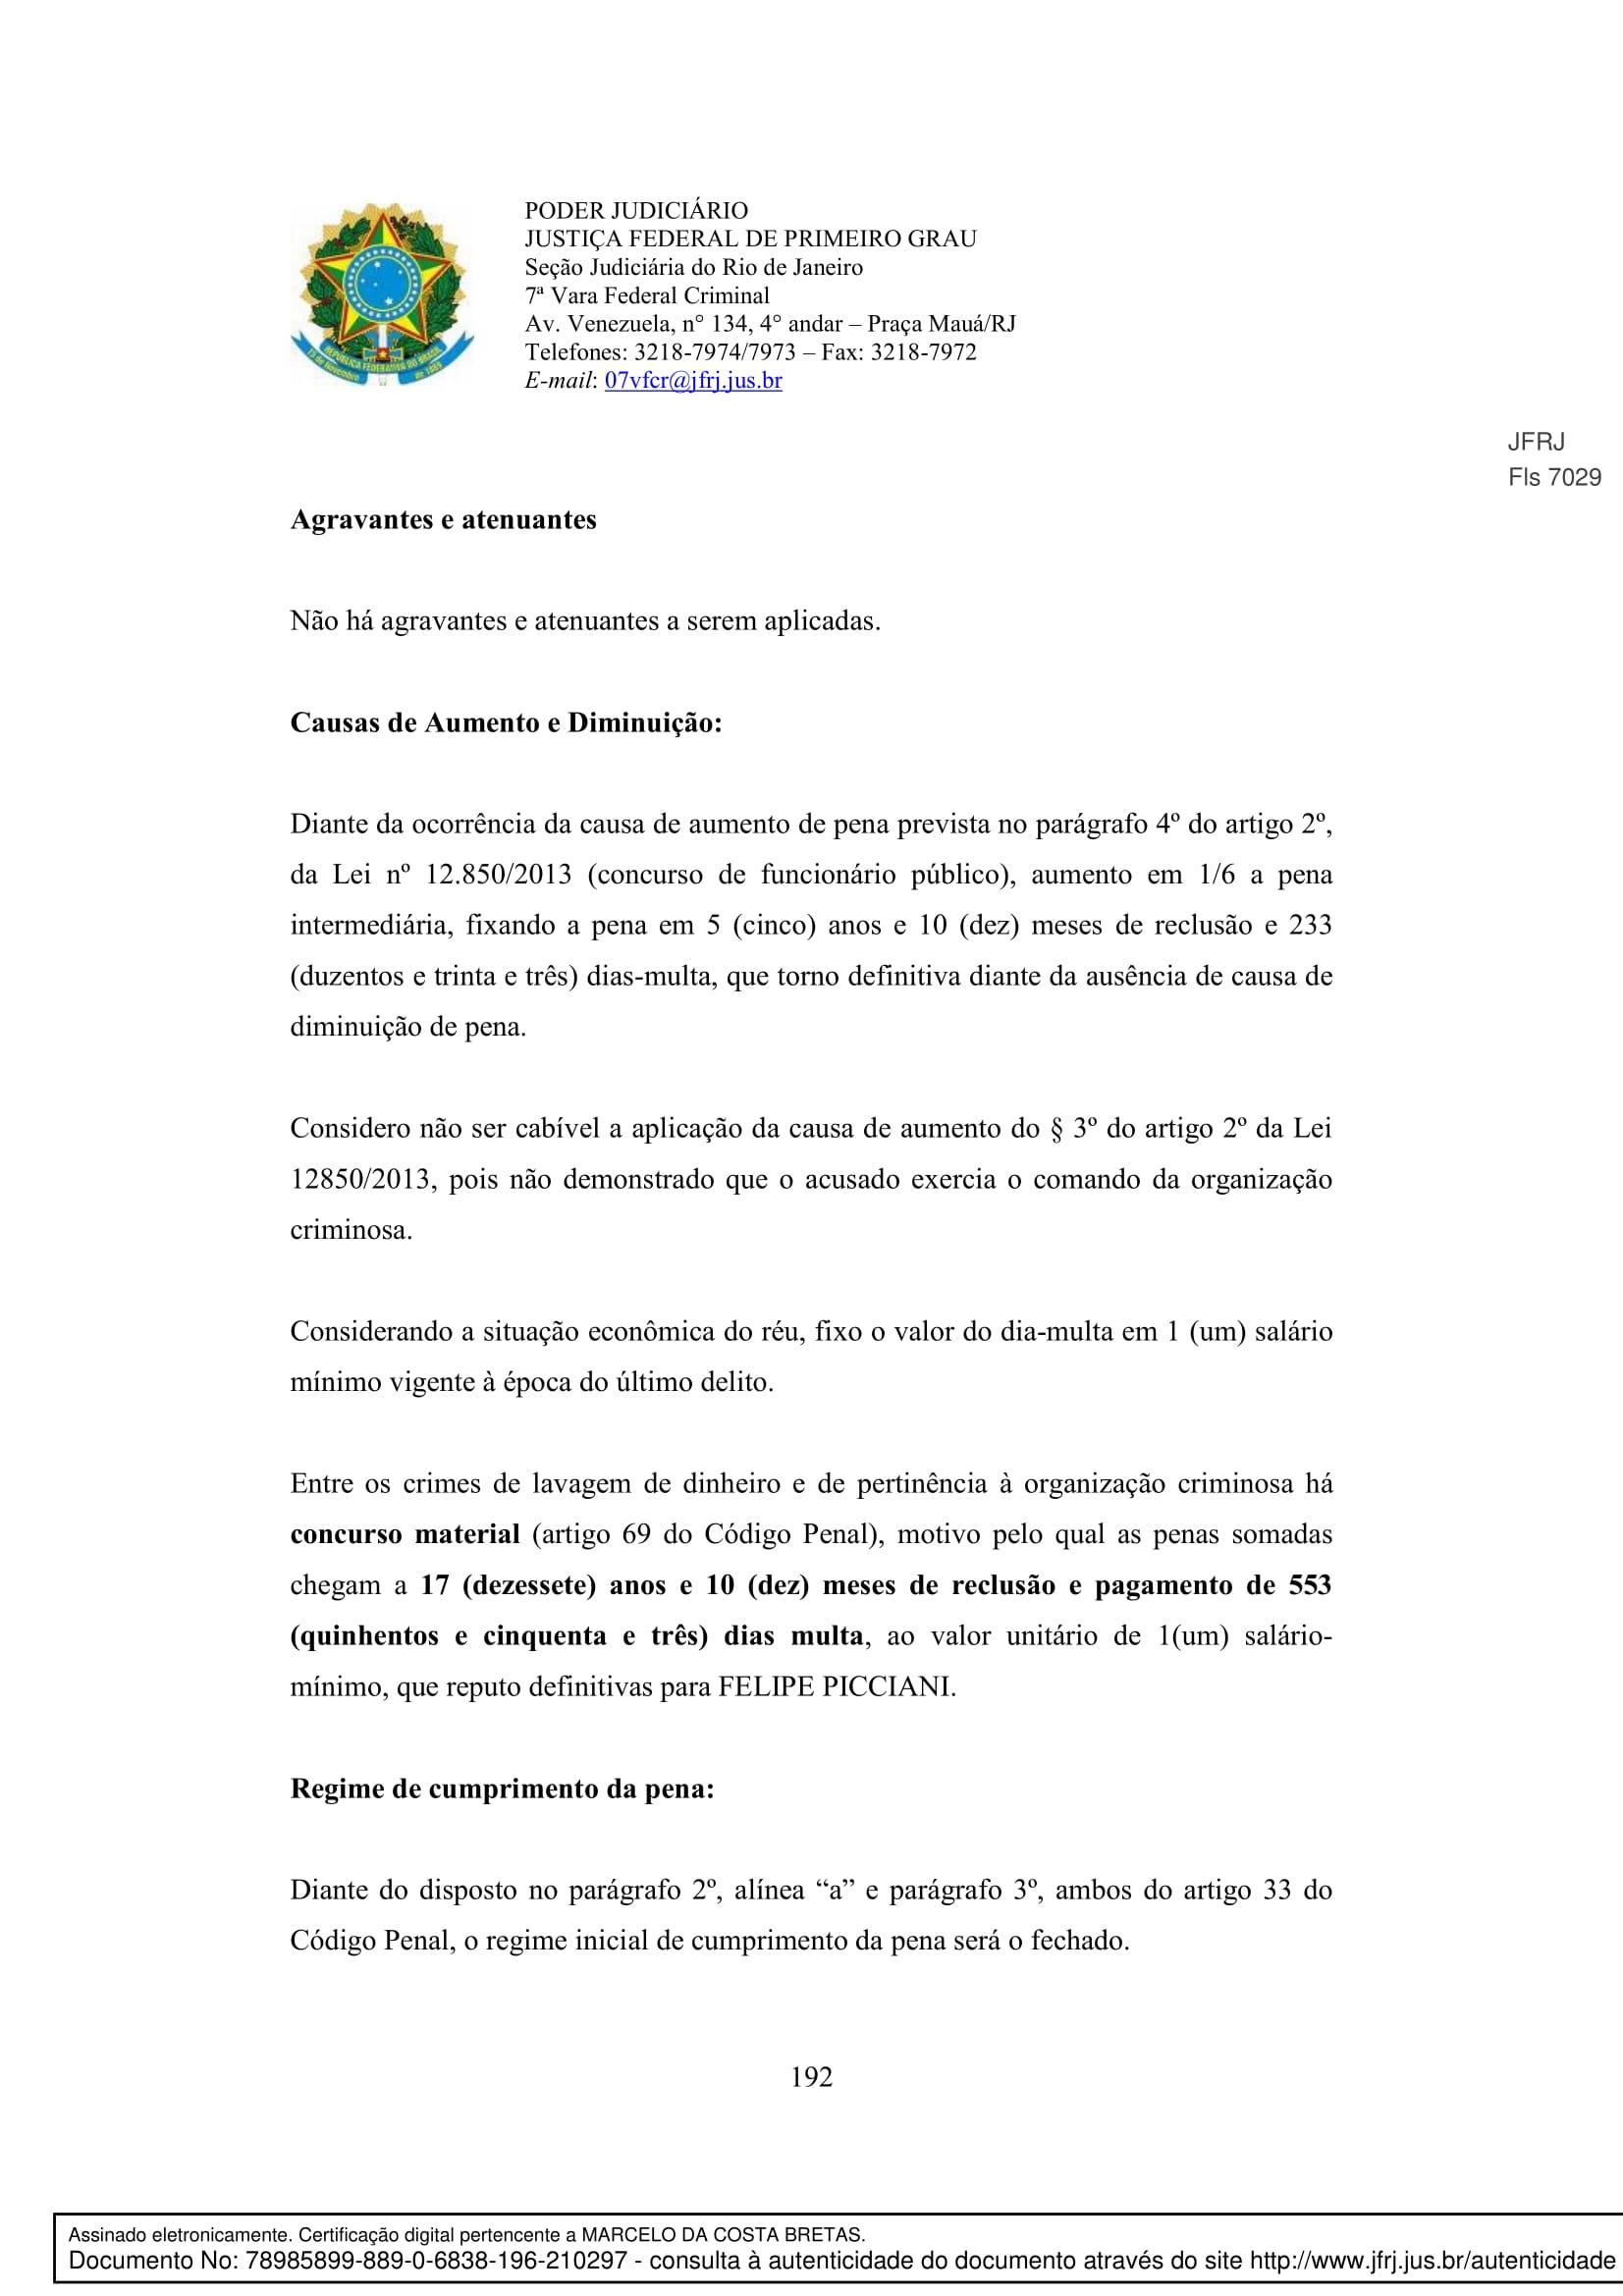 Sentenca-Cadeia-Velha-7VFC-192